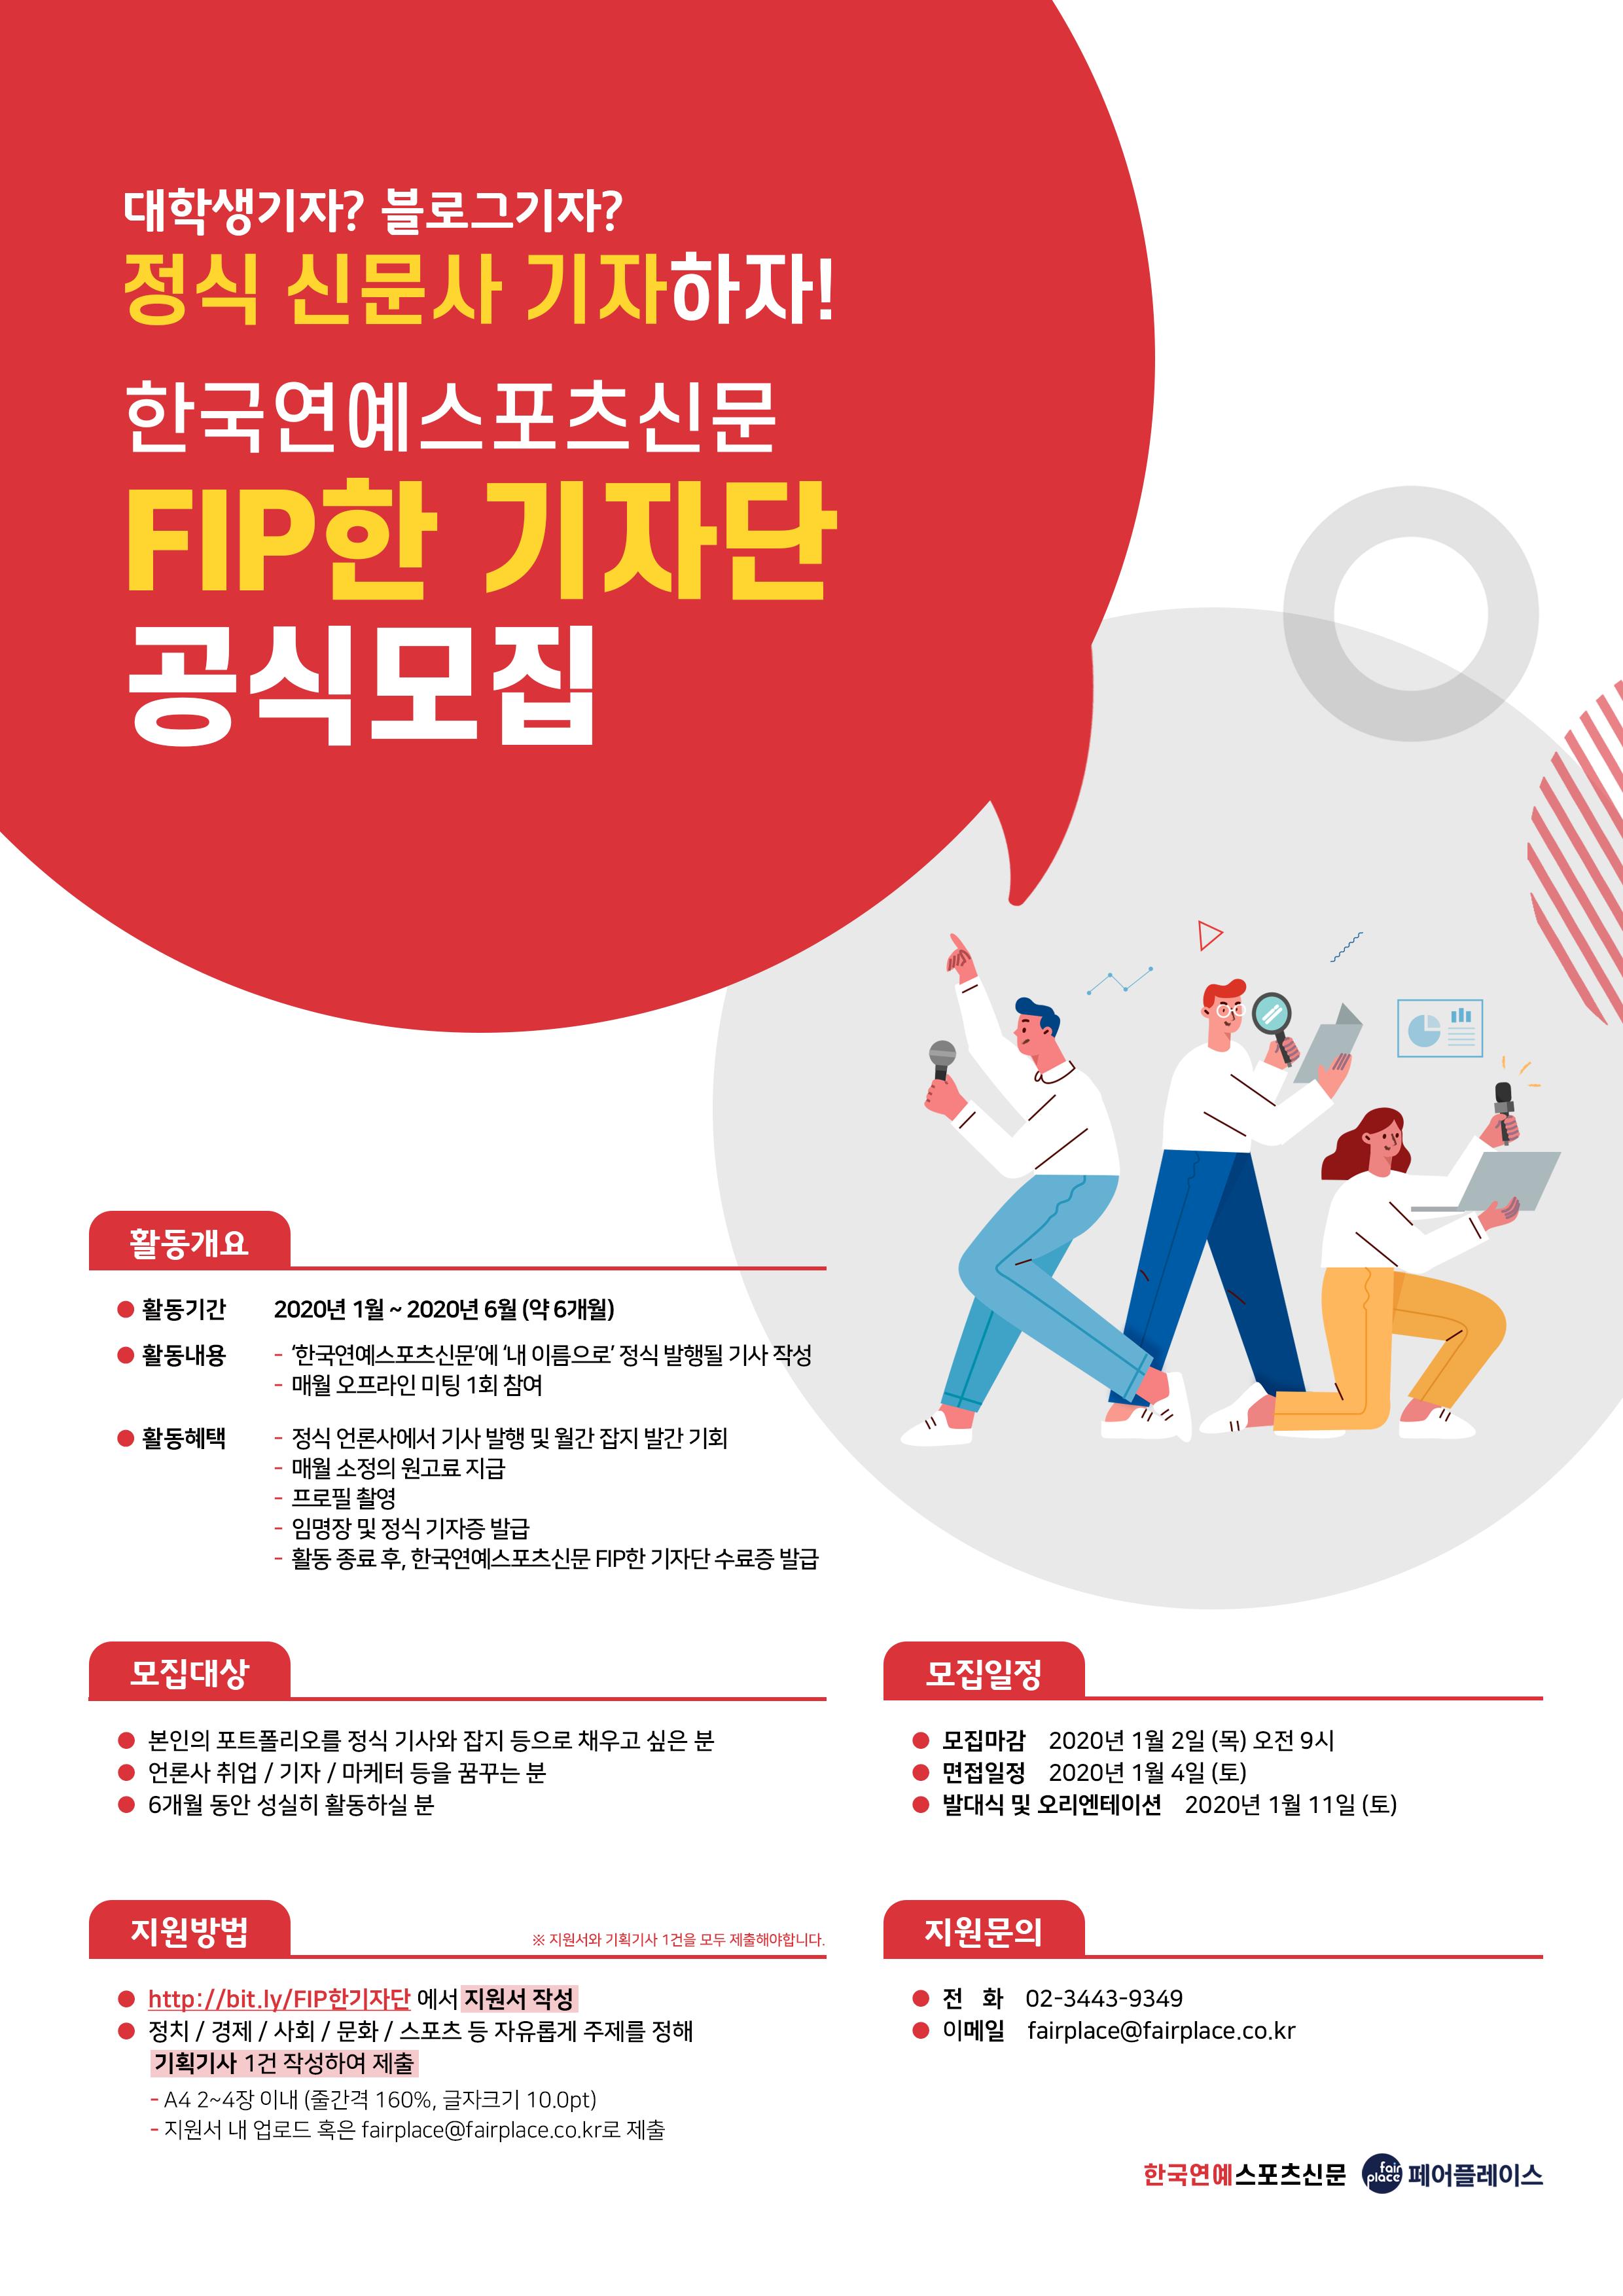 한국연예스포츠신문 FIP한 기자단 모집